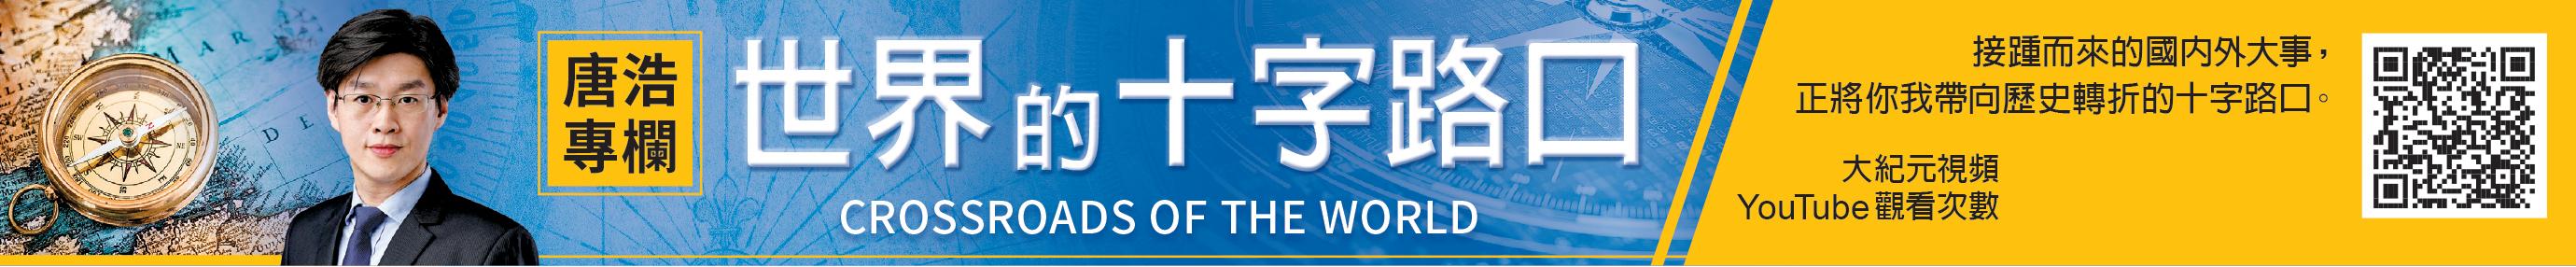 【世界的十字路口】有一群人 中共始終打不倒